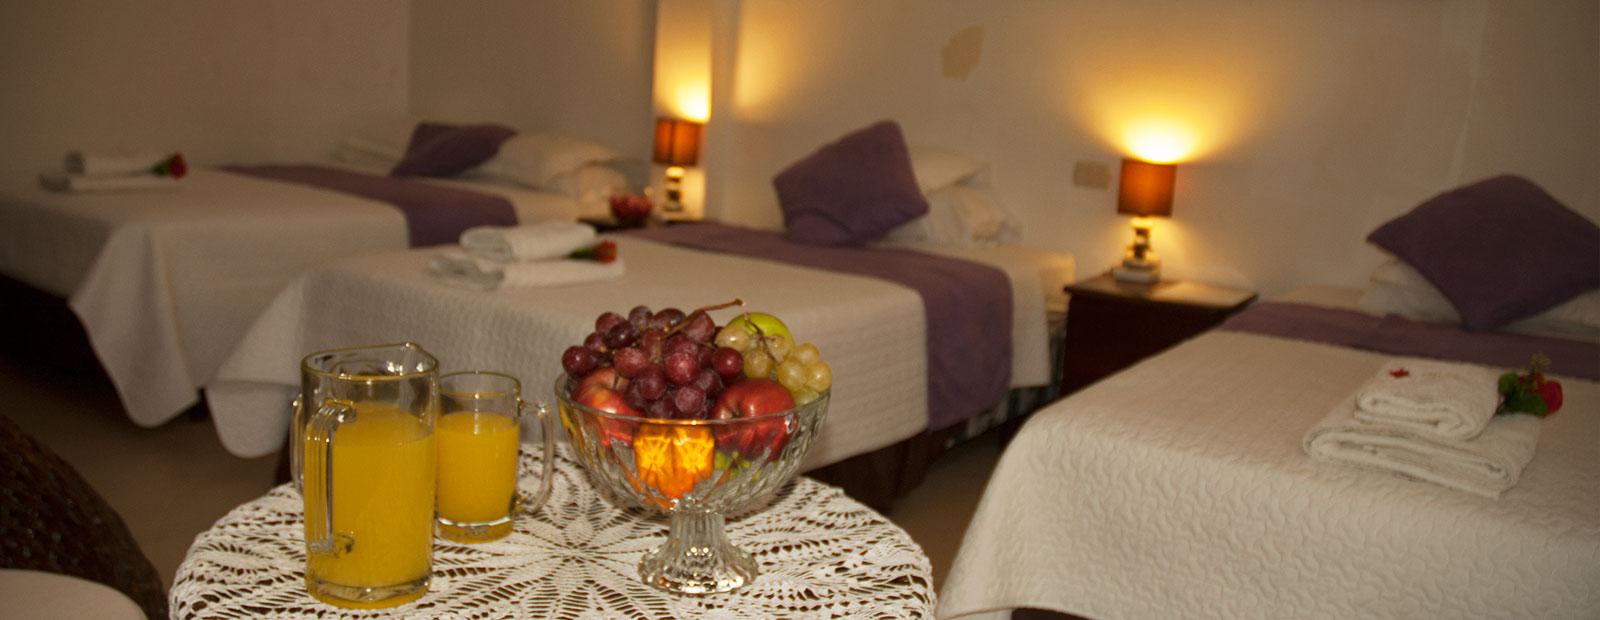 Hotel Costa del Pacifico Suites Galapagos